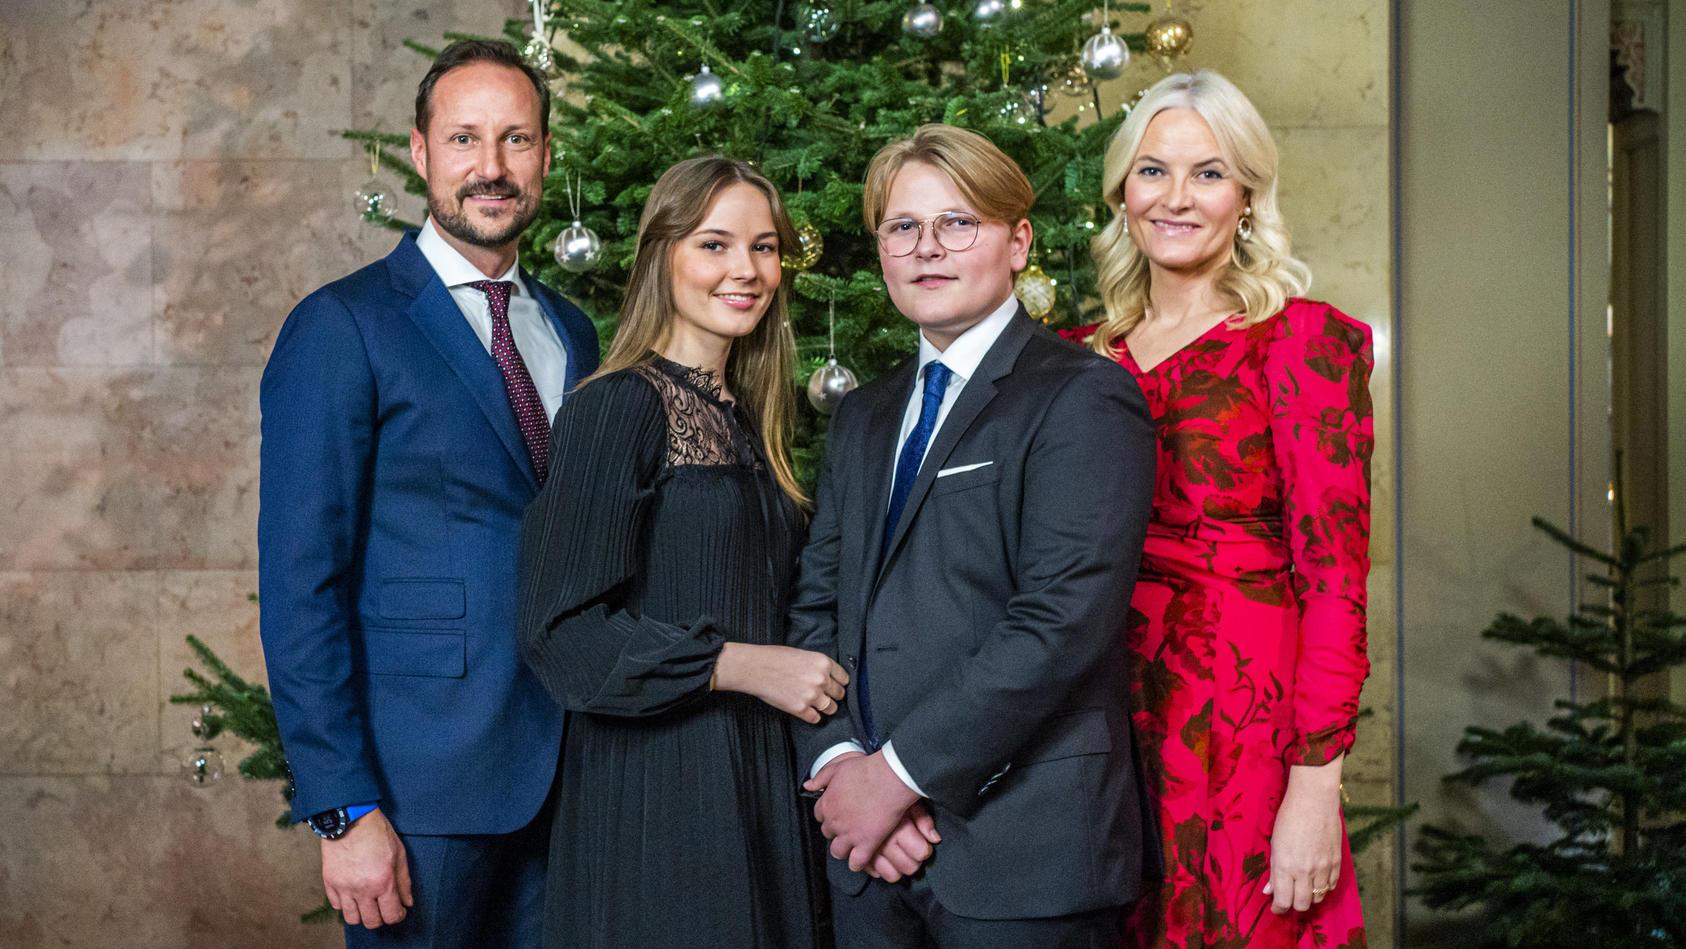 Die norwegischen Königsfamilie verkündet stolz, dass Prinz Sverre Magnus bald die Oberschule besucht.